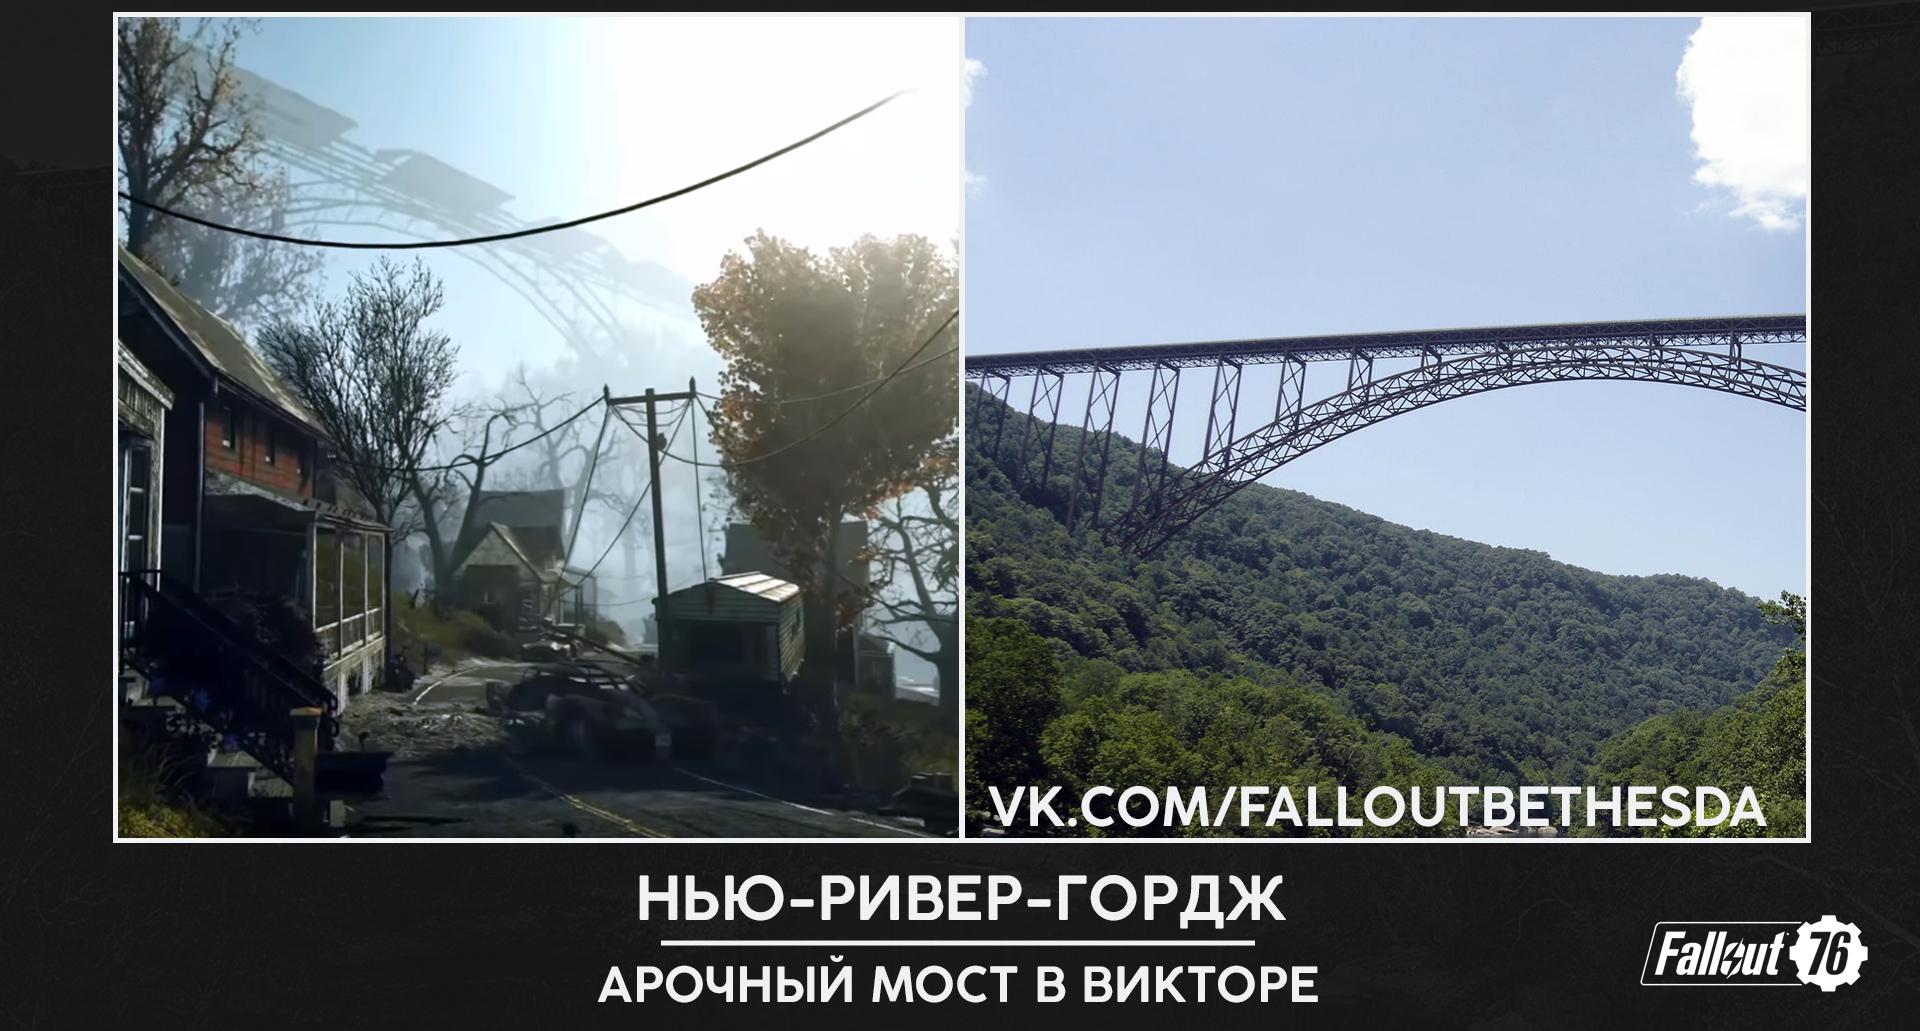 Ну что время сравнить локации из Fallout 76 и реальной жизни?